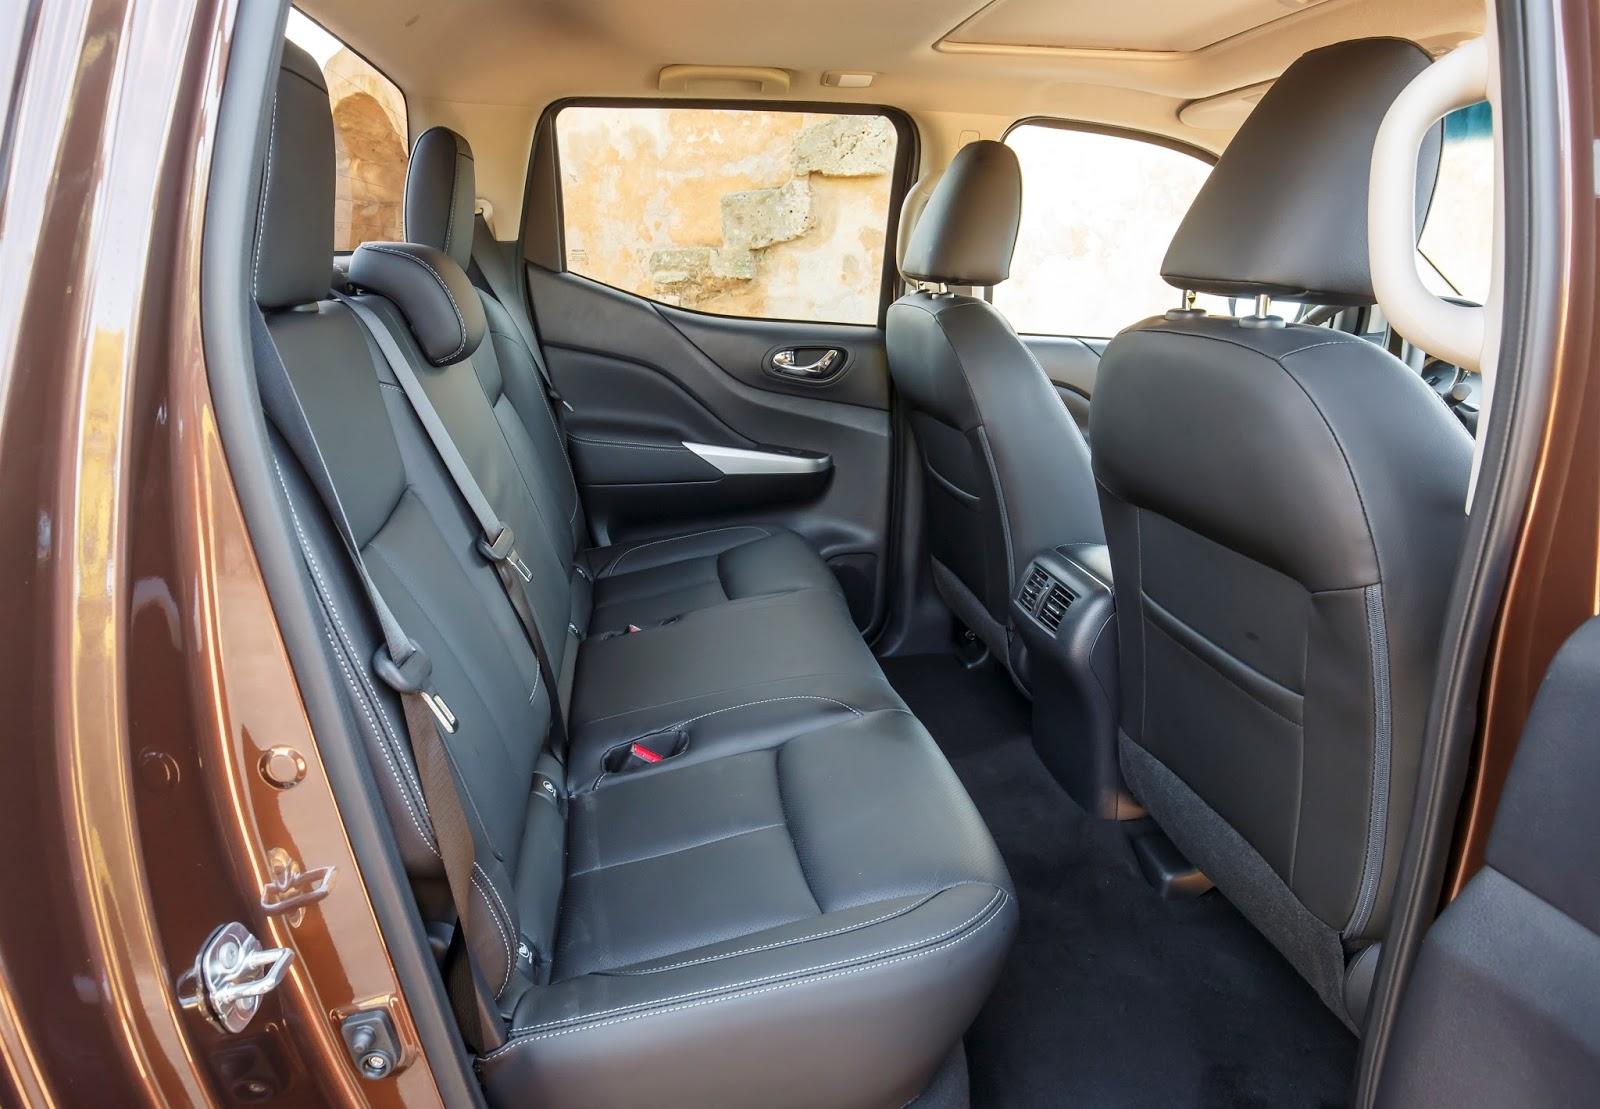 139513 1 5 Το νέο Nissan NP300 NAVARA ήρθε στη χώρα μας για σκληρή δουλειά και από 26.090€ Nissan, Nissan NP300 Navara, Pick-up